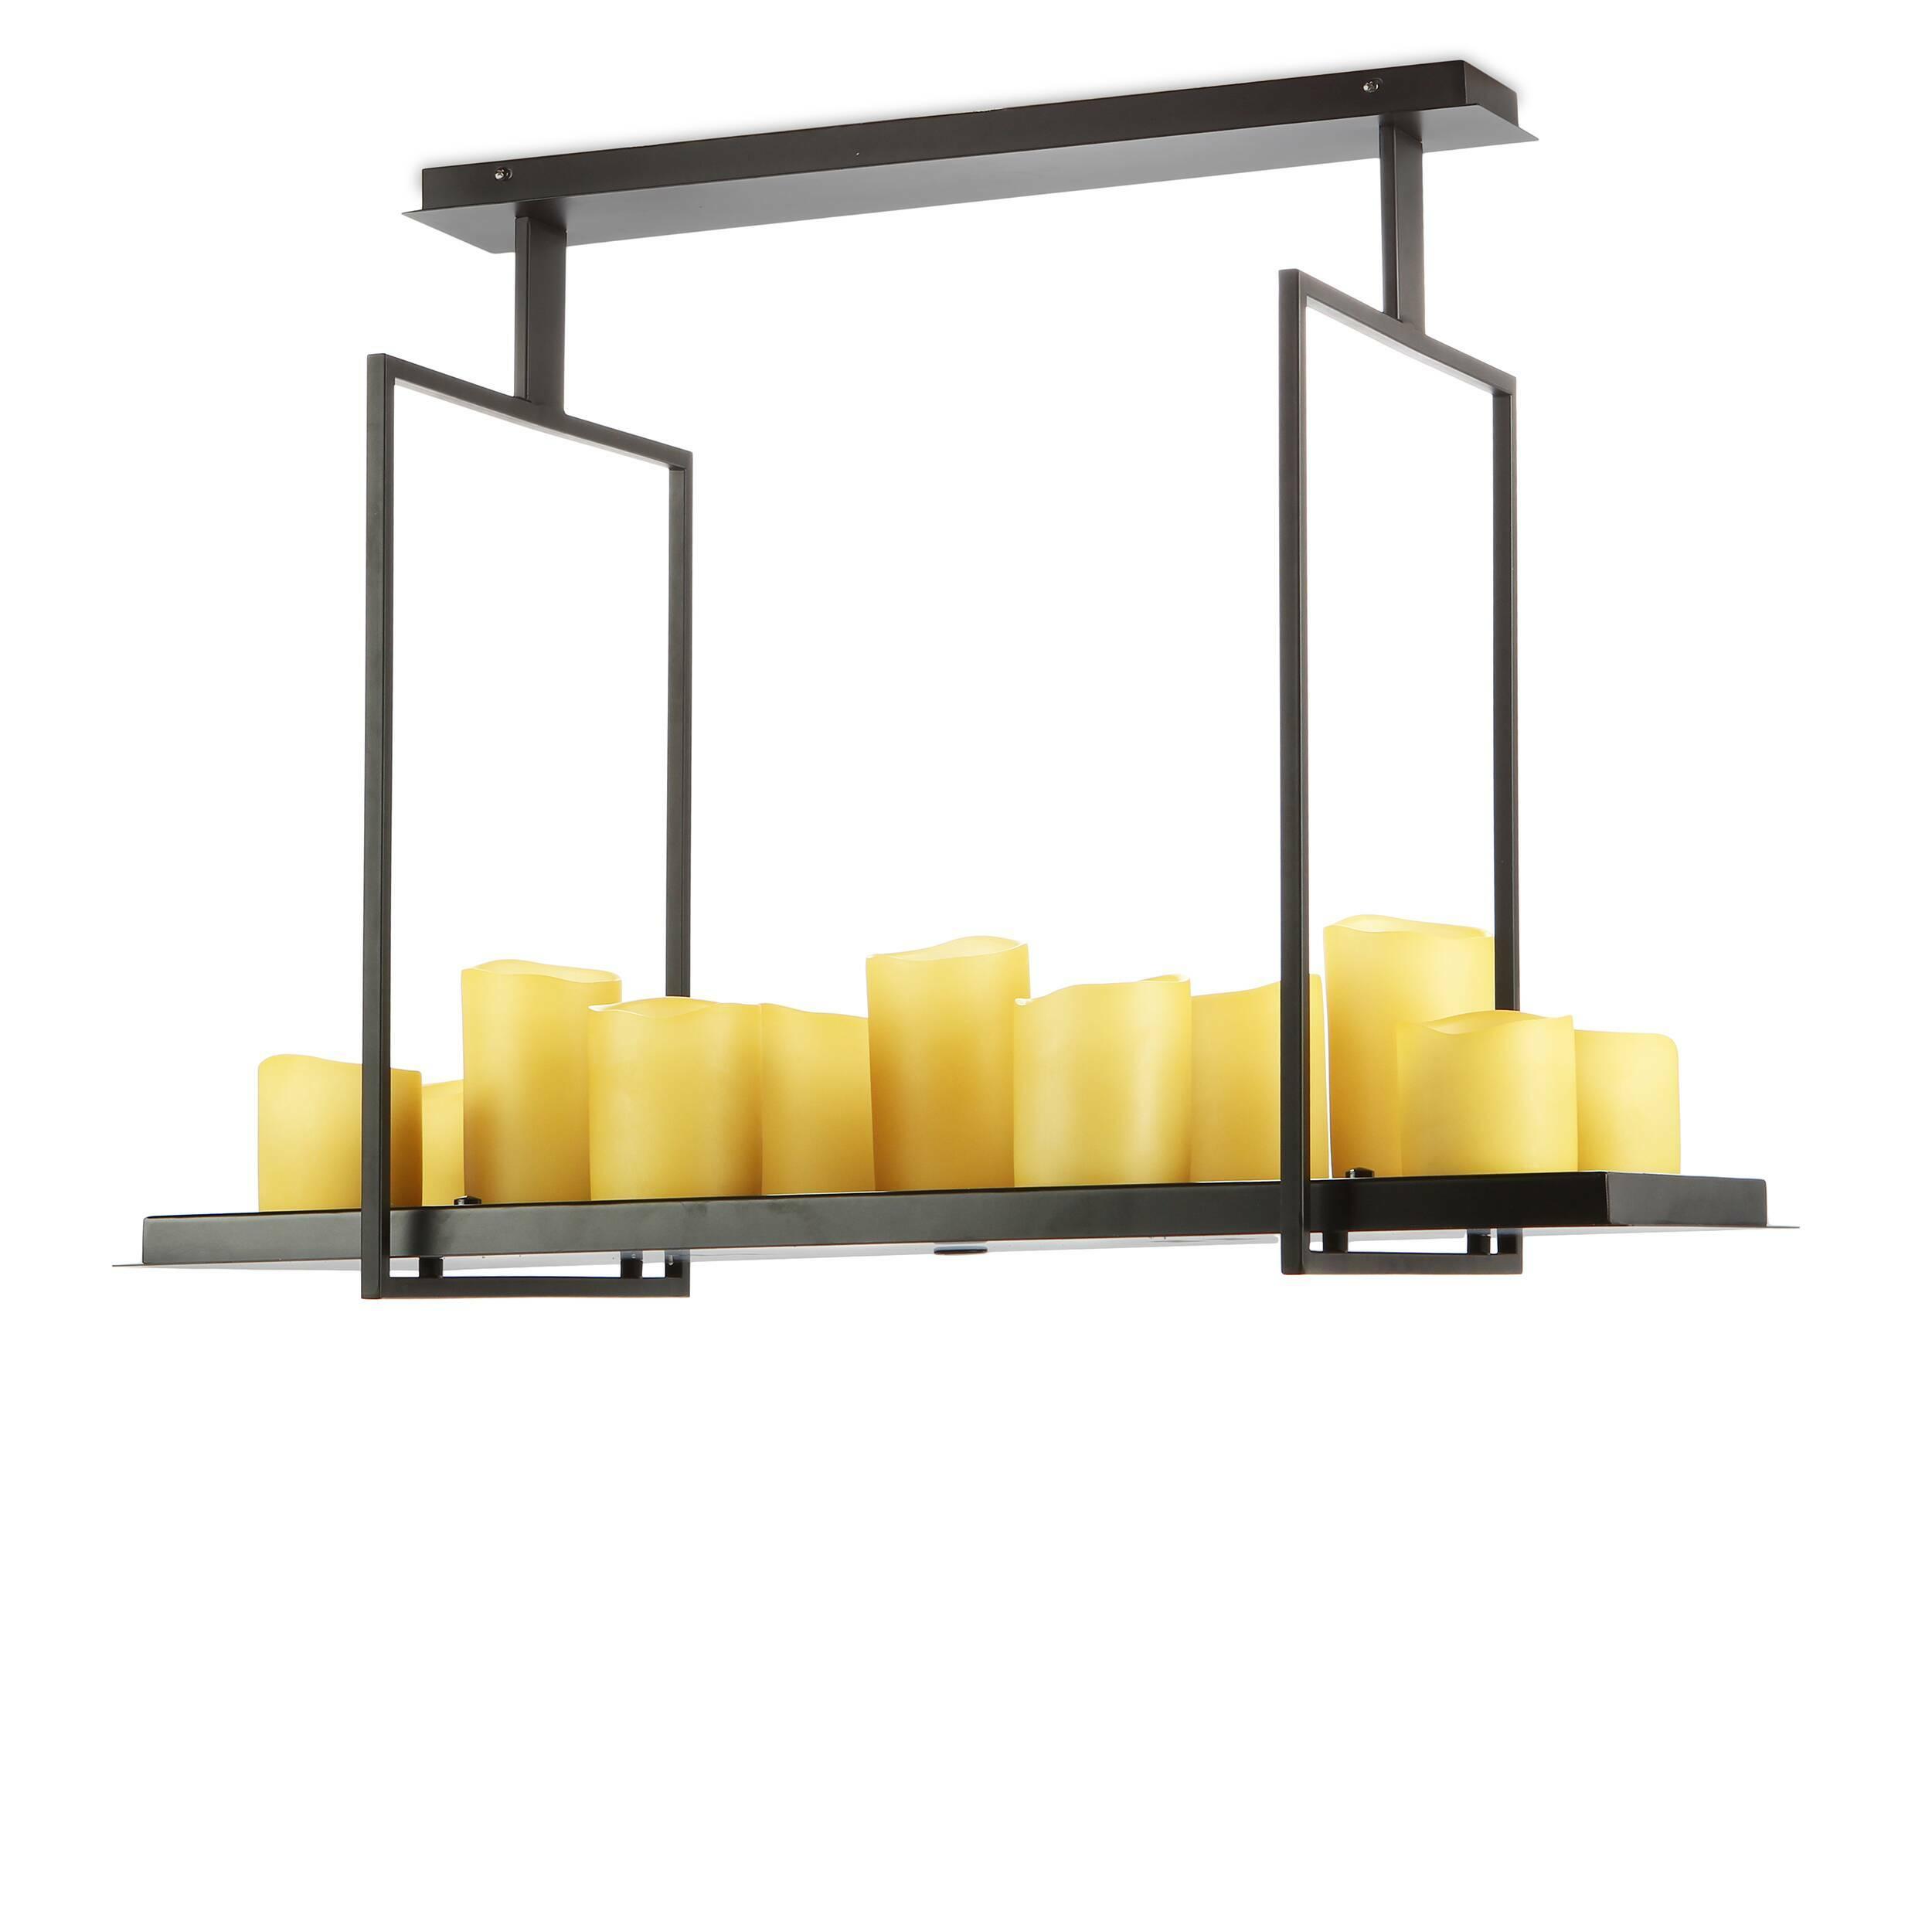 Потолочный светильник Altar 12 лампПотолочные<br>Гениальная идея Кевина Райлли: люстра, оживающая от магического прикосновения свечи, очаровывающая своим простым дизайном и балующая комфортом электрического света. Потолочный светильник Altar 12 ламп исполнен высочайшей элегантности и погружает любое пространство в прекрасный и таинственный свет. Невероятным образом Райлли соединяет современный дизайн с шармом многовековой культуры освещения. <br><br><br> Дизайнерский потолочный светильник Altar 12 ламп выполнен из стали и представлен в класс...<br><br>stock: 1<br>Высота: 82,5<br>Ширина: 40<br>Длина: 80<br>Количество ламп: 12<br>Материал абажура: Полистоун<br>Материал арматуры: Сталь<br>Мощность лампы: 1<br>Ламп в комплекте: Нет<br>Напряжение: 220<br>Тип лампы/цоколь: LED<br>Цвет абажура: Черный